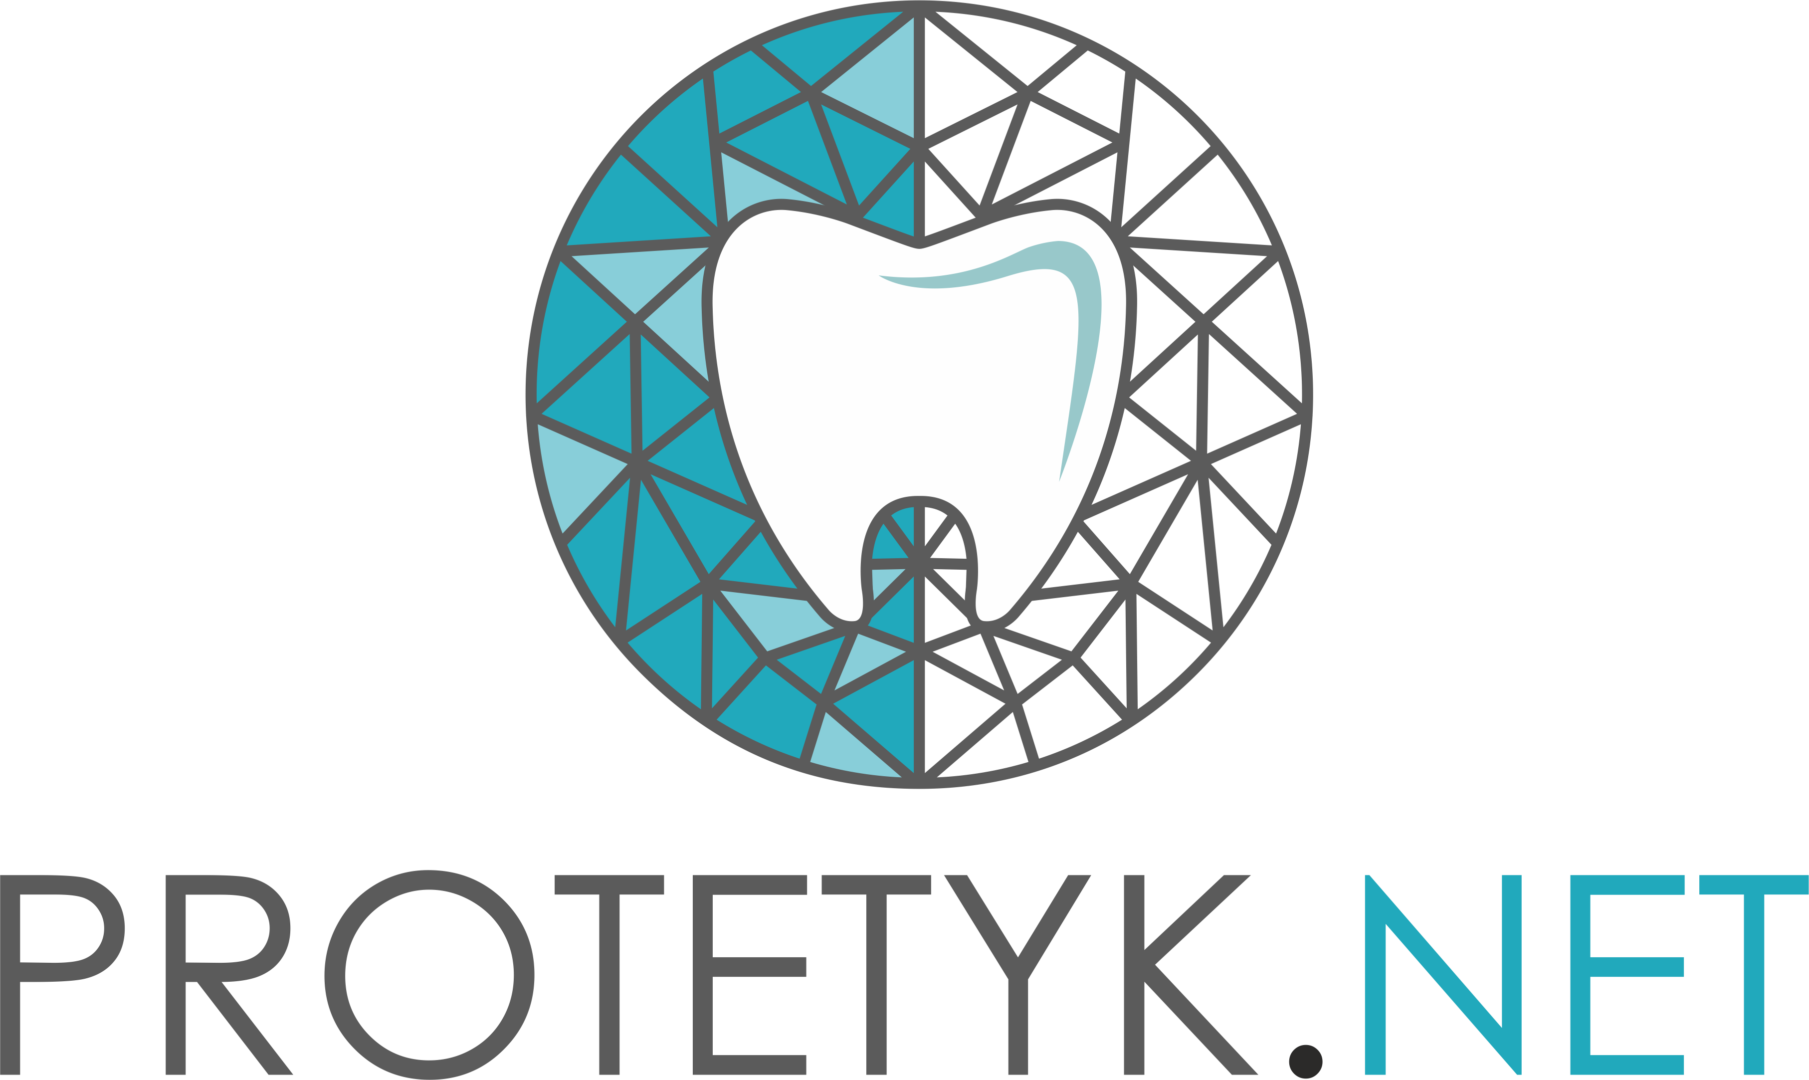 PROTETYK.NET